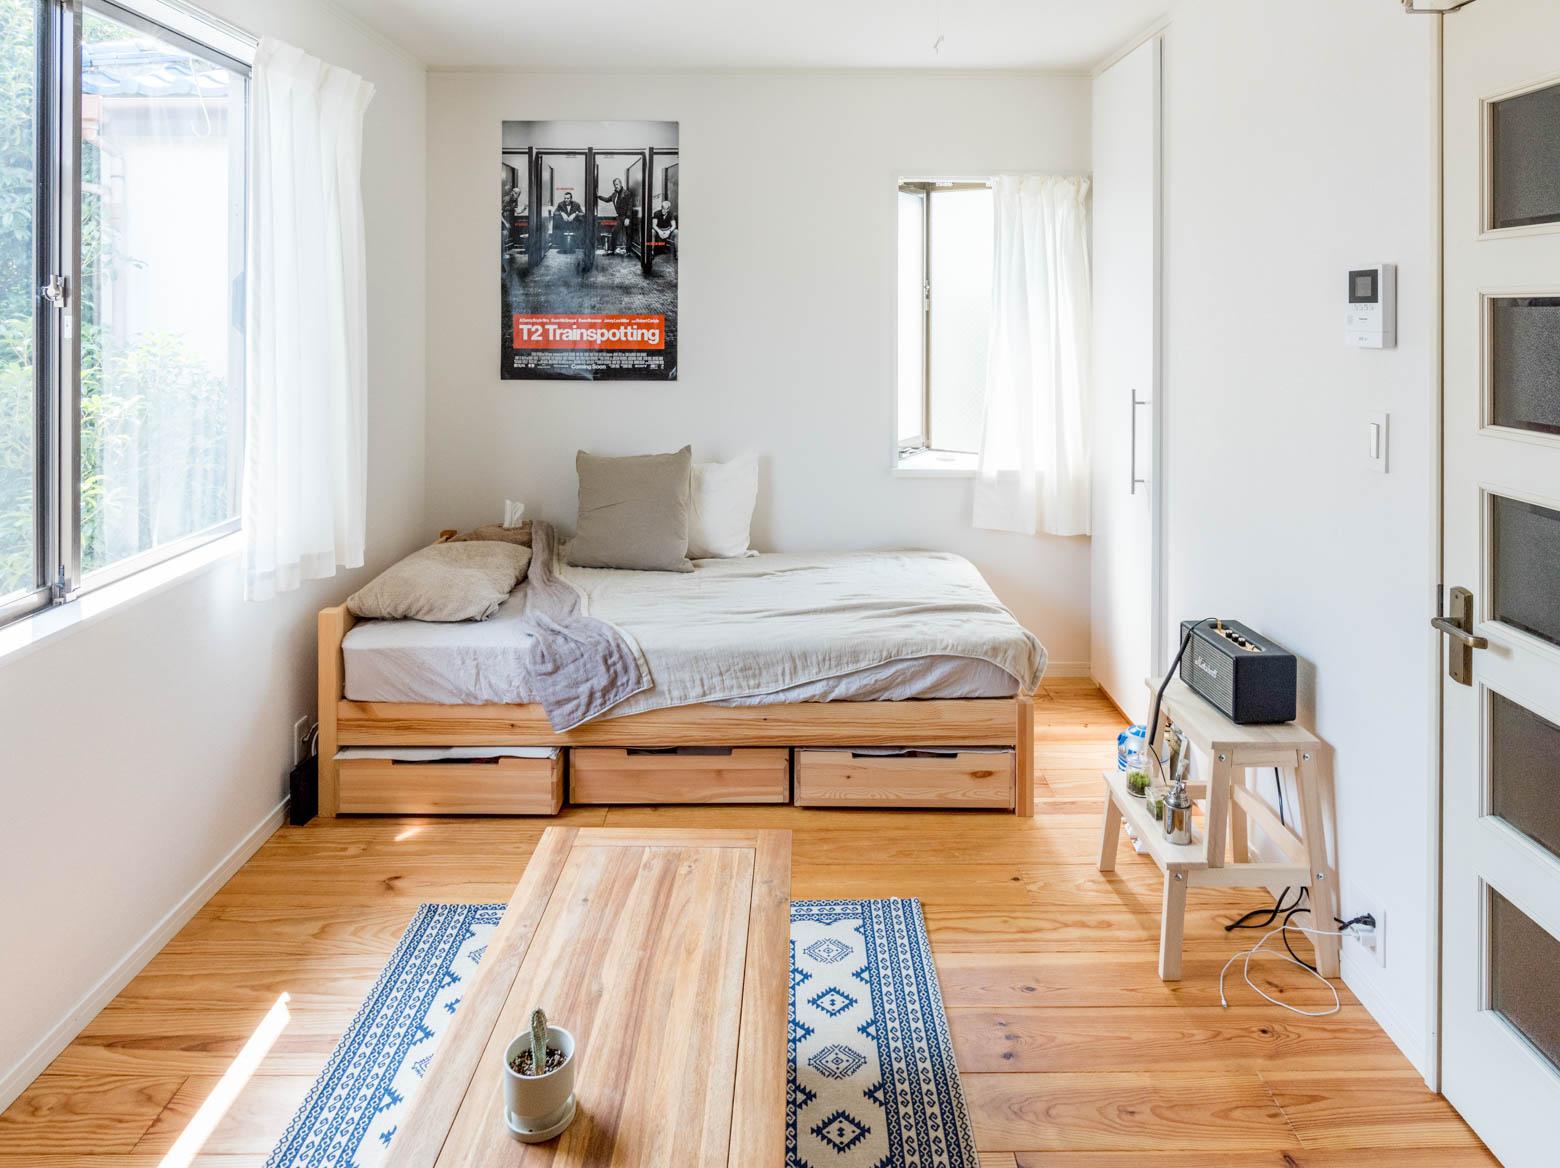 自分にとって必要な家具を考えた上で、お部屋探しにのぞみましょう!